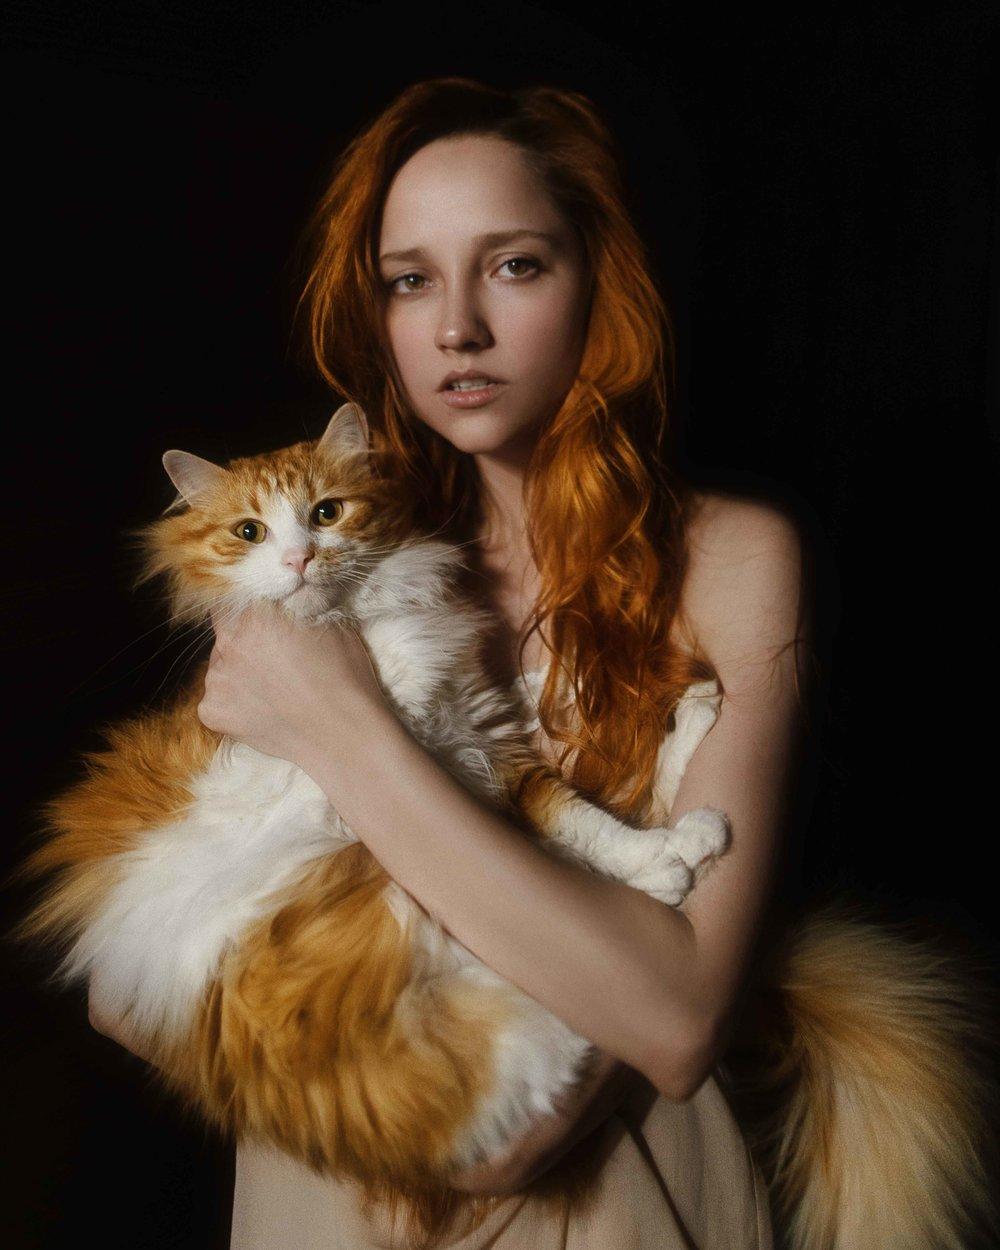 Alexia Iordanova by Tatiana Mertsalova